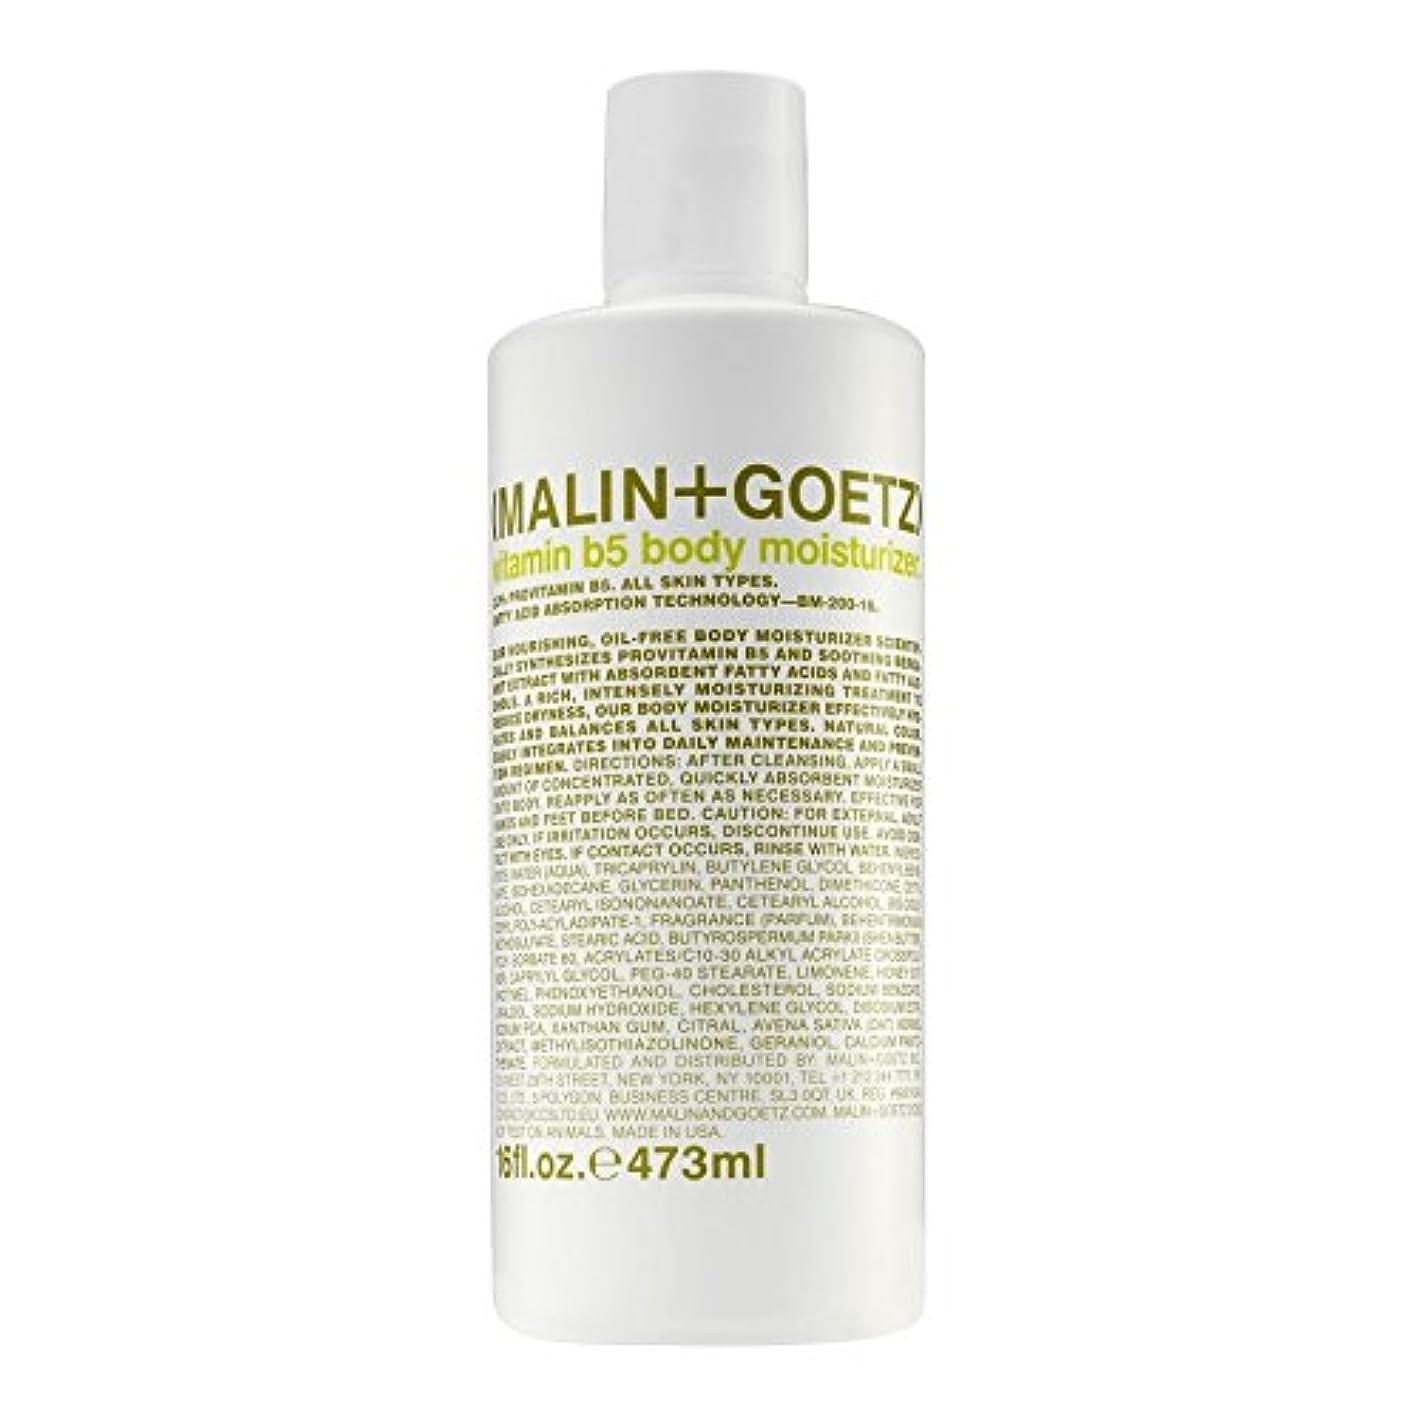 フィールド戸惑う不実マリン+ゲッツビタミン5ボディモイスチャライザーの473ミリリットル x4 - MALIN+GOETZ Vitamin B5 Body Moisturiser 473ml (Pack of 4) [並行輸入品]